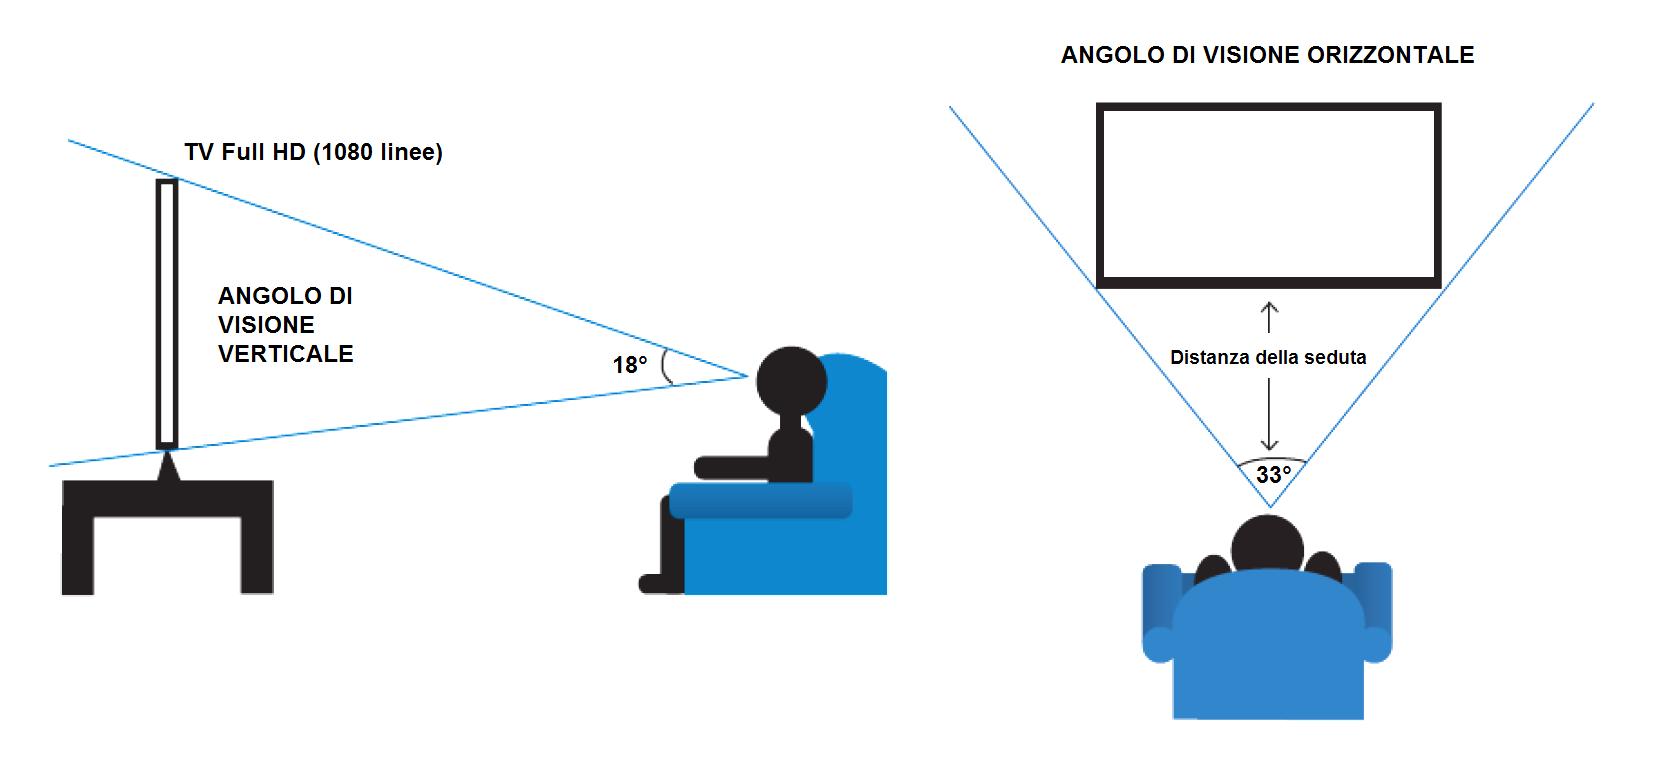 Angoli di visione ottimali (verticale/orizzontale)